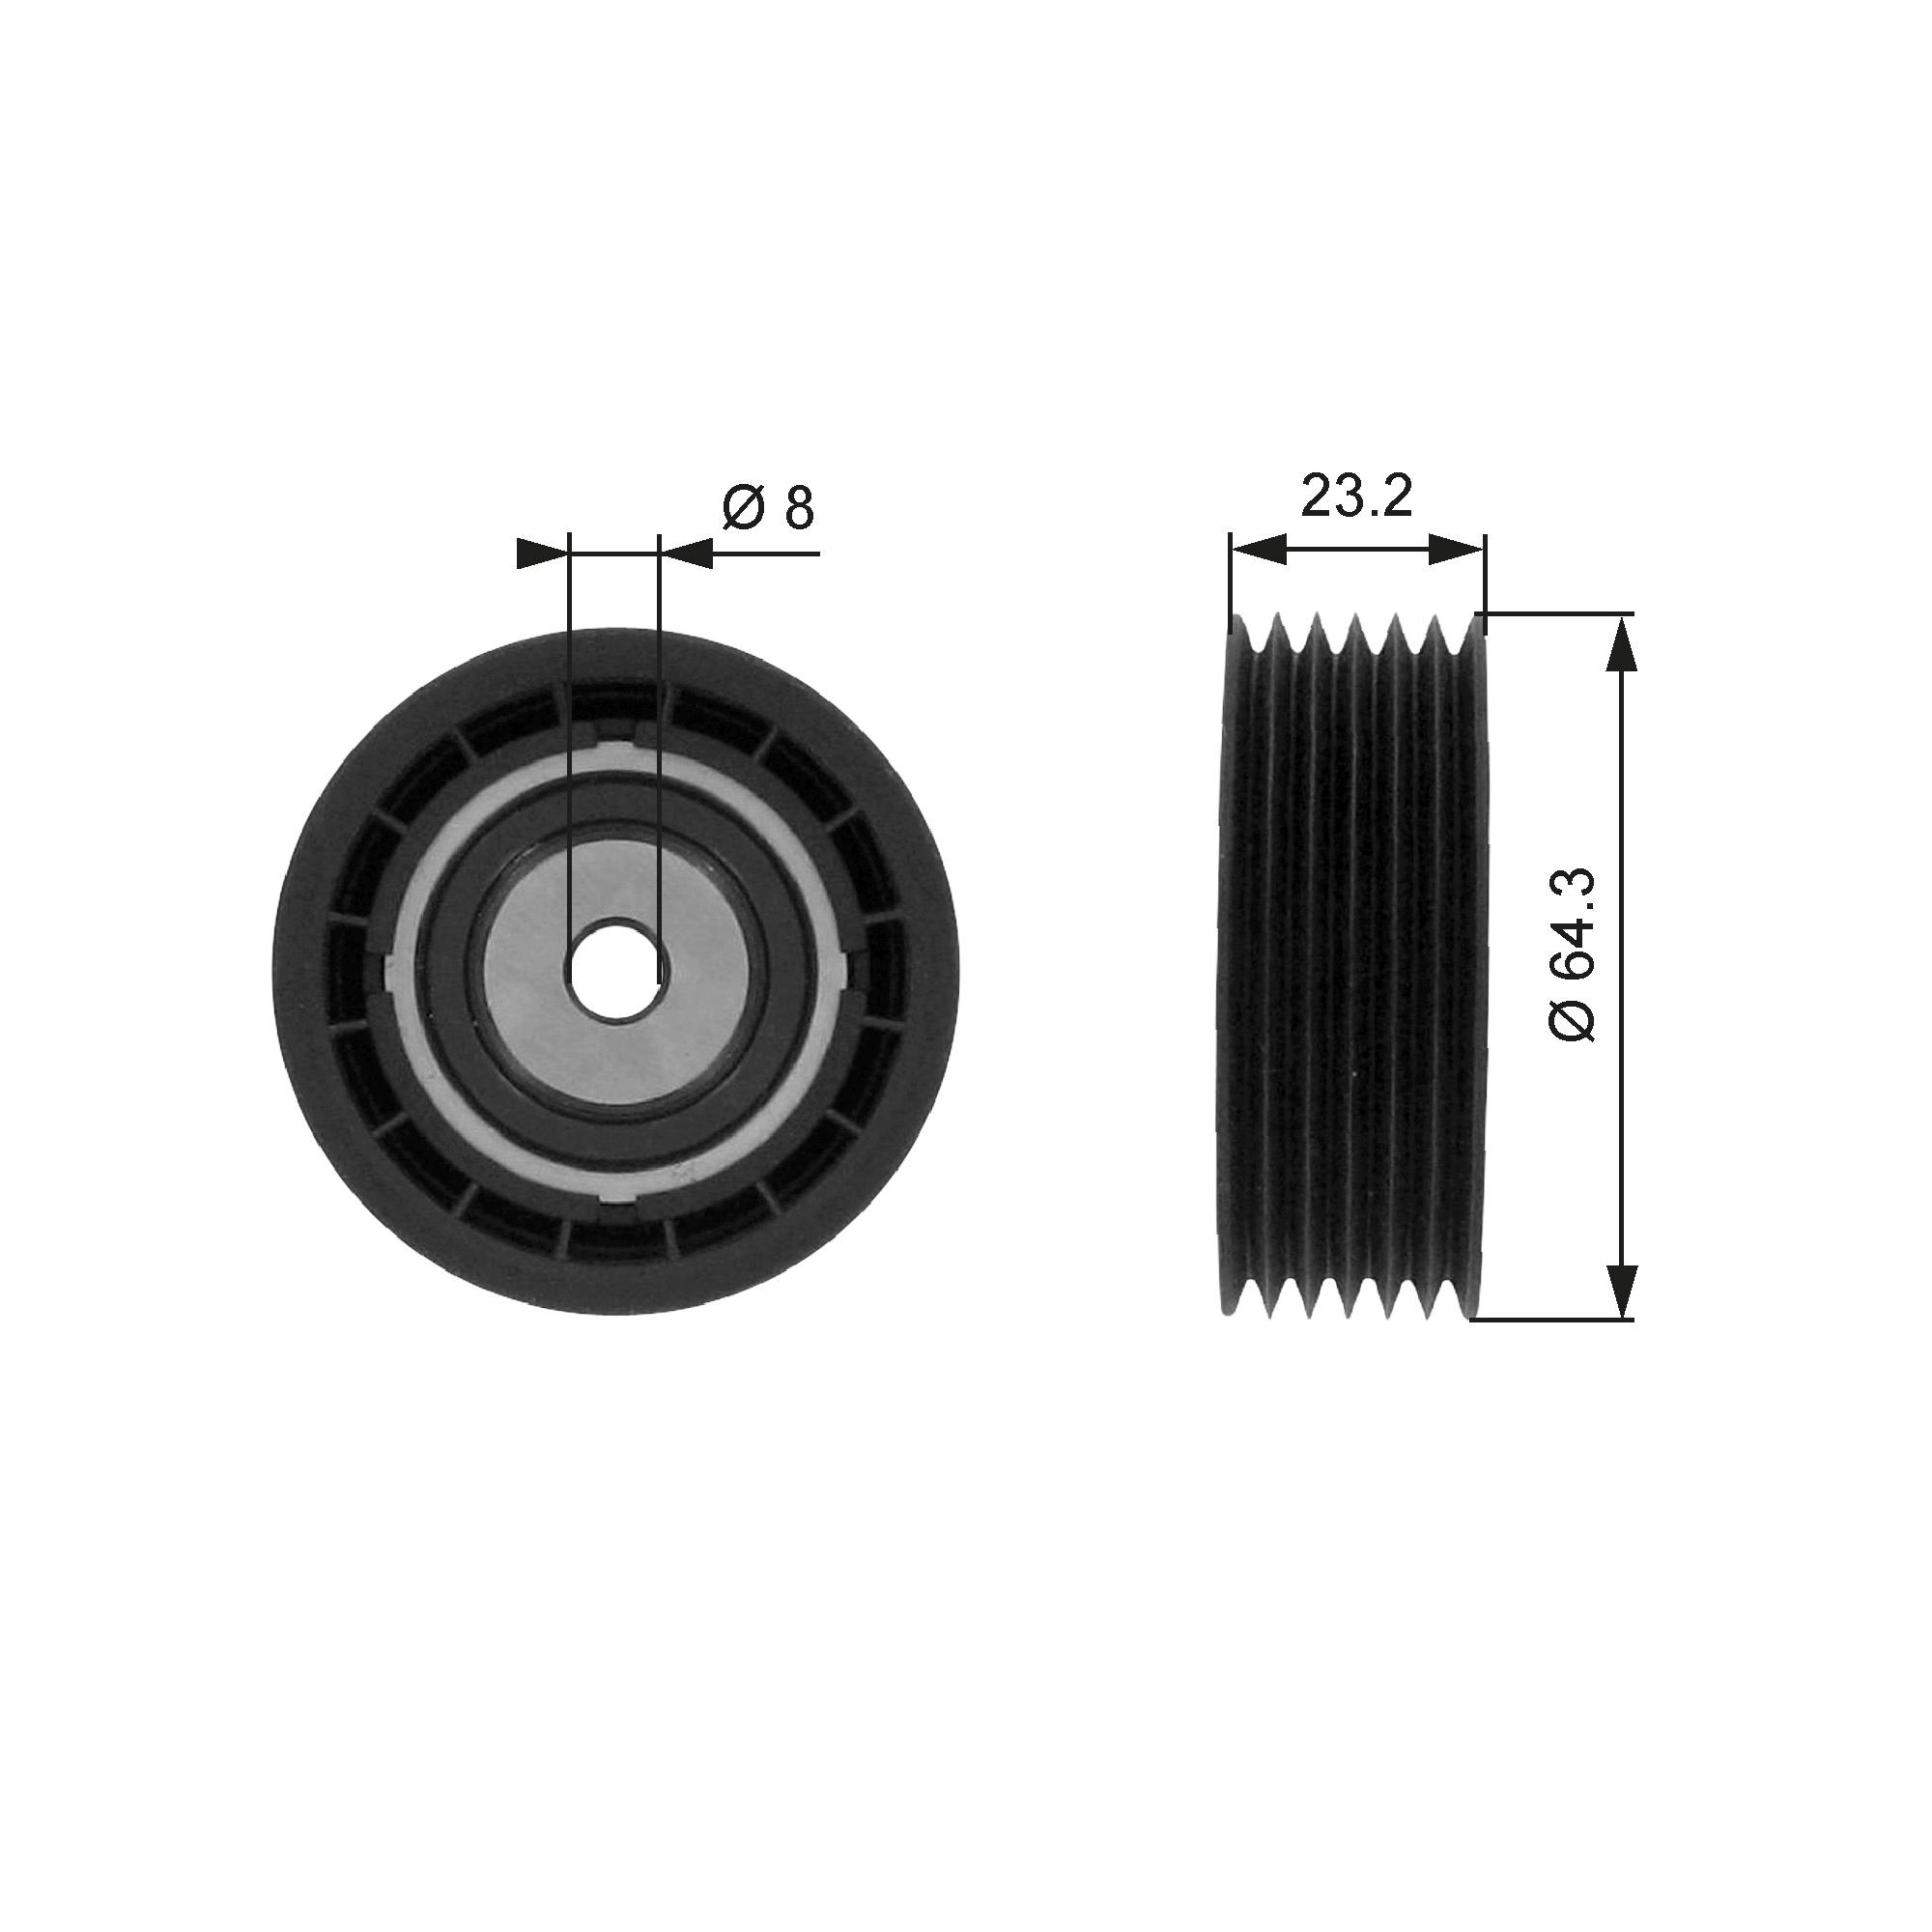 galet enrouleur de courroie d 39 accessoires pour saab 9 3 ys3d 2 0 turbo 154cv wda. Black Bedroom Furniture Sets. Home Design Ideas